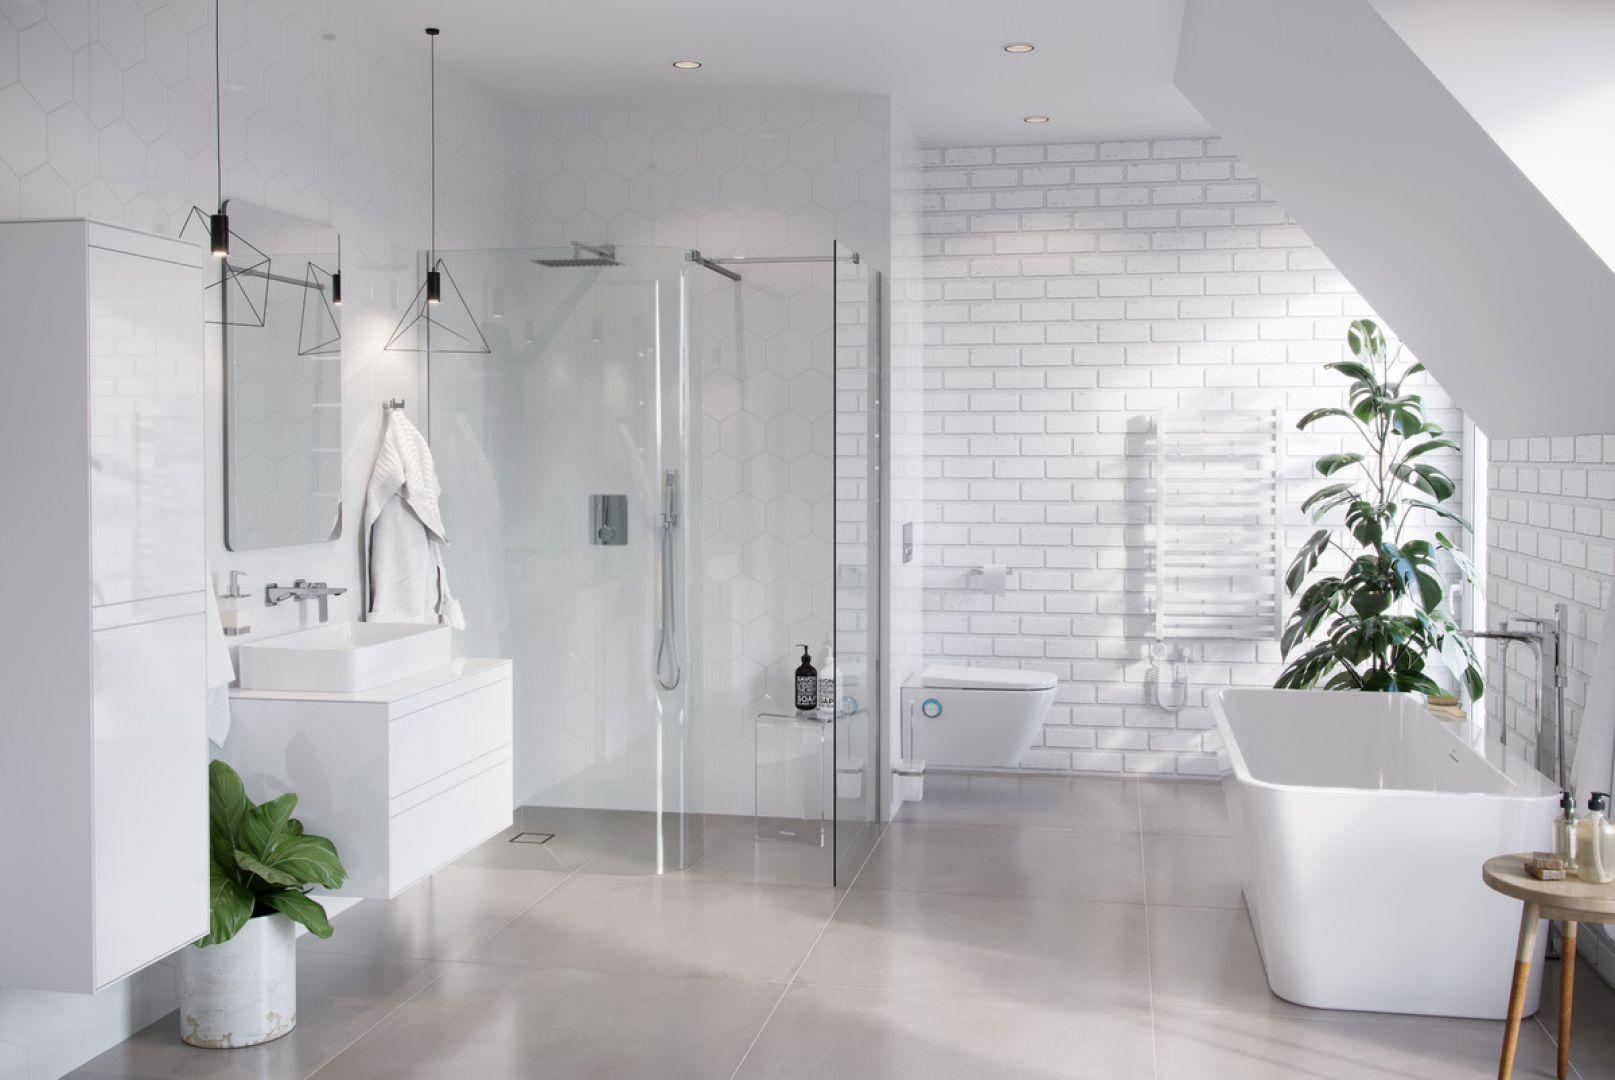 Grzejnik łazienkowy Horos 96, biały soft Fot. Excellent